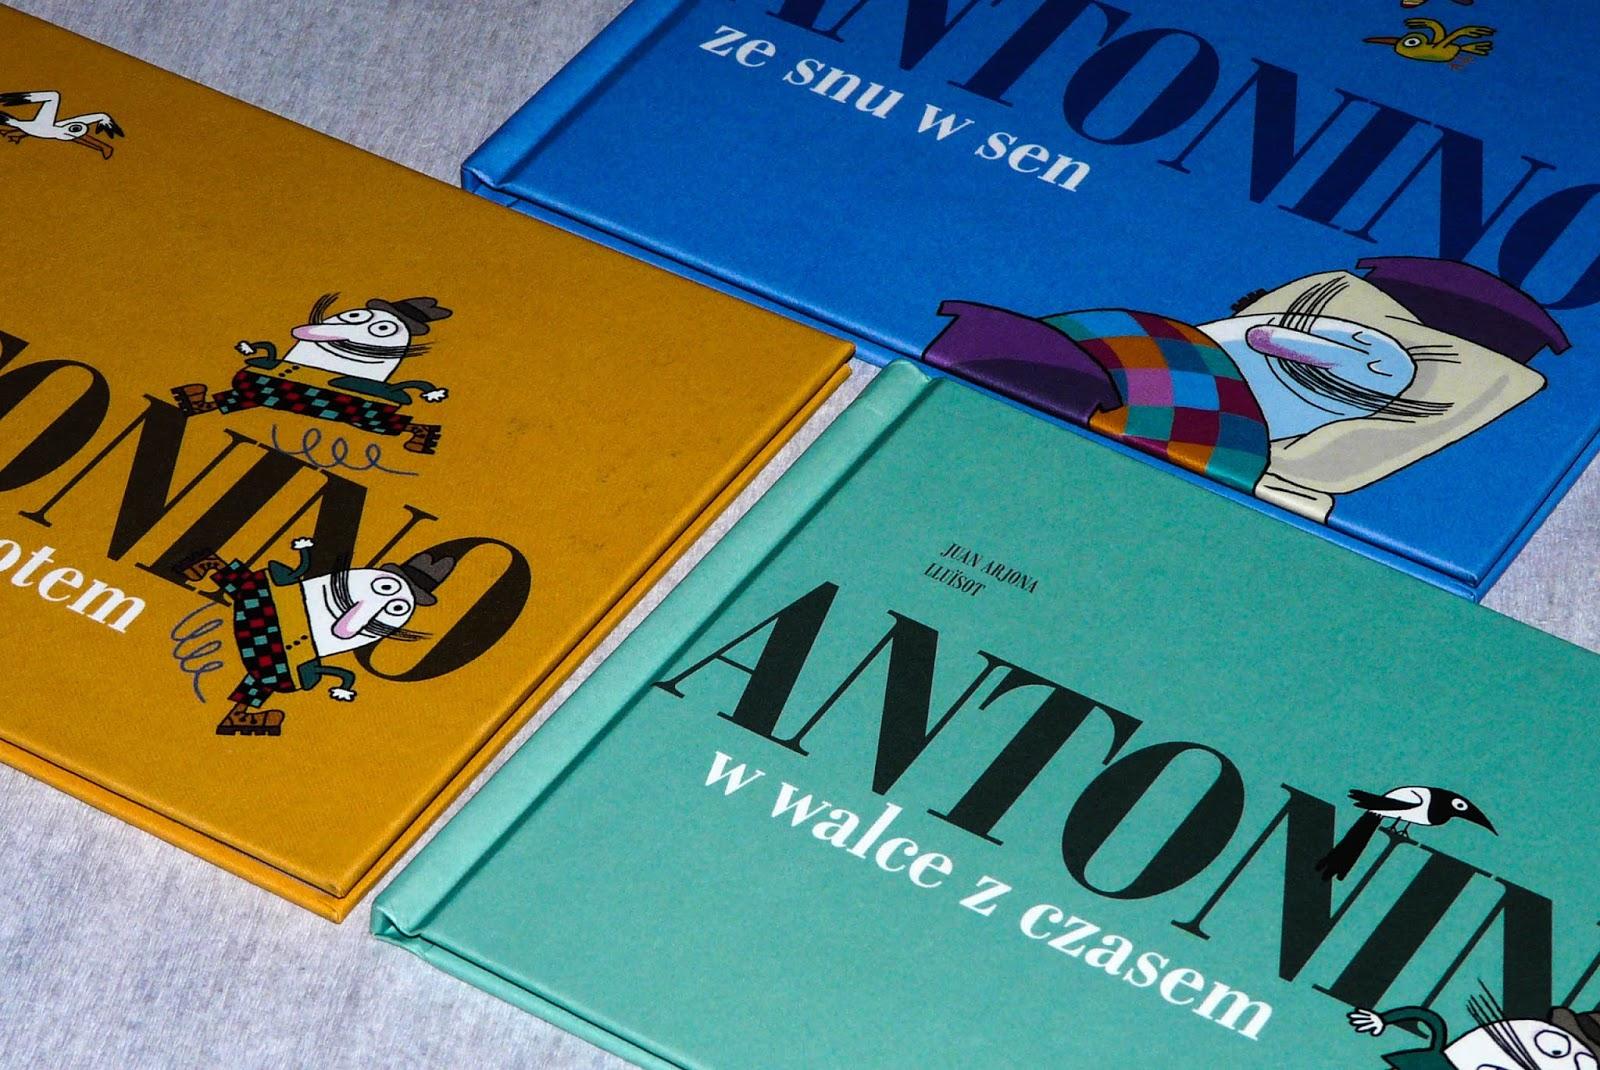 książki dla dwulatka, książki dla trzylatka, ciekawe serie książek dla dzieci, inspiracje, ciekawe książki dla dzieci